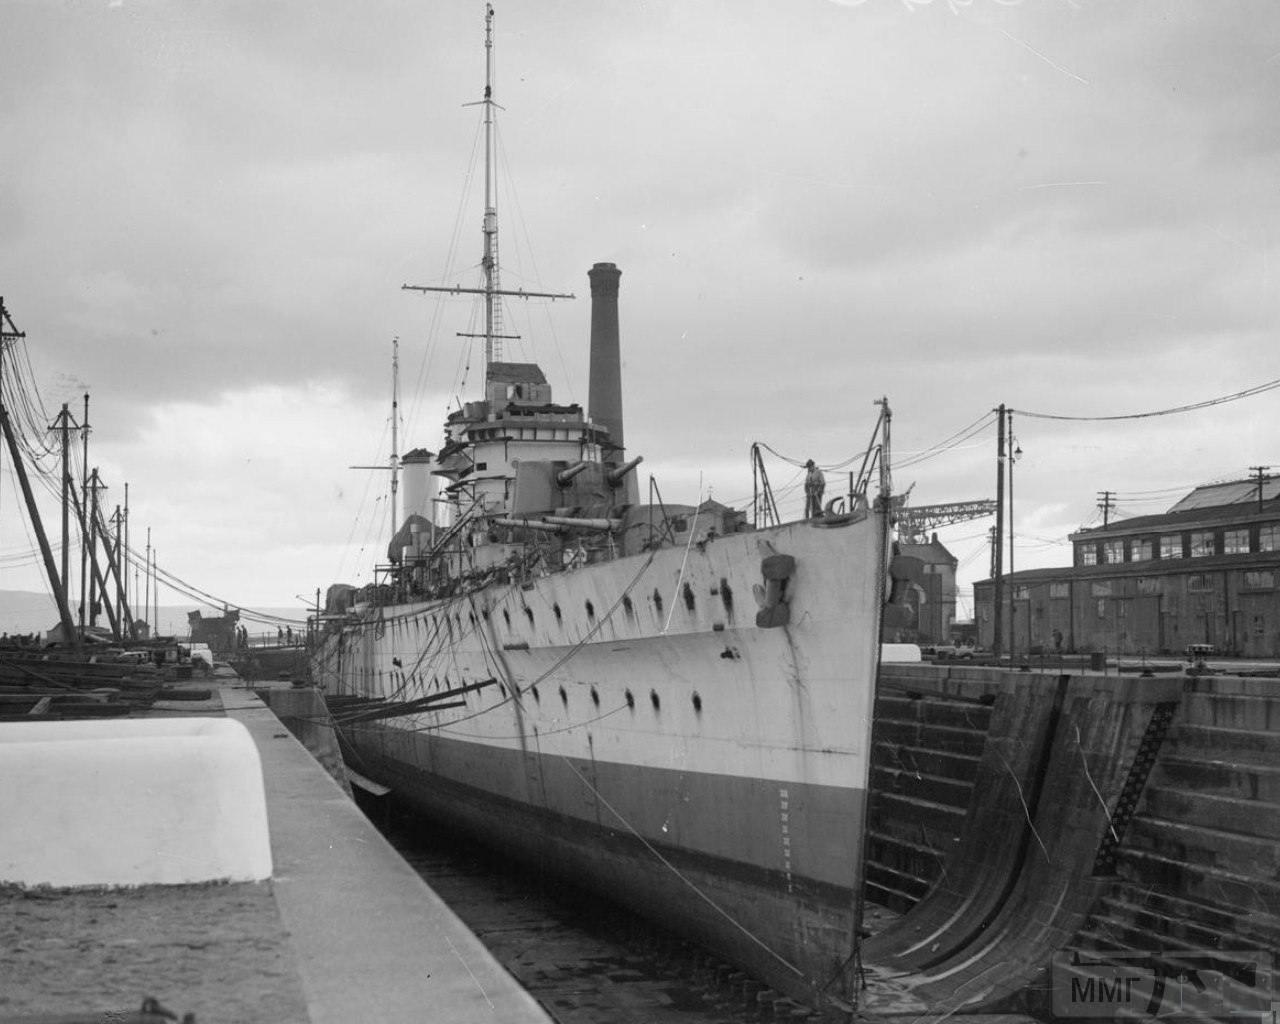 26726 - Броненосцы, дредноуты, линкоры и крейсера Британии